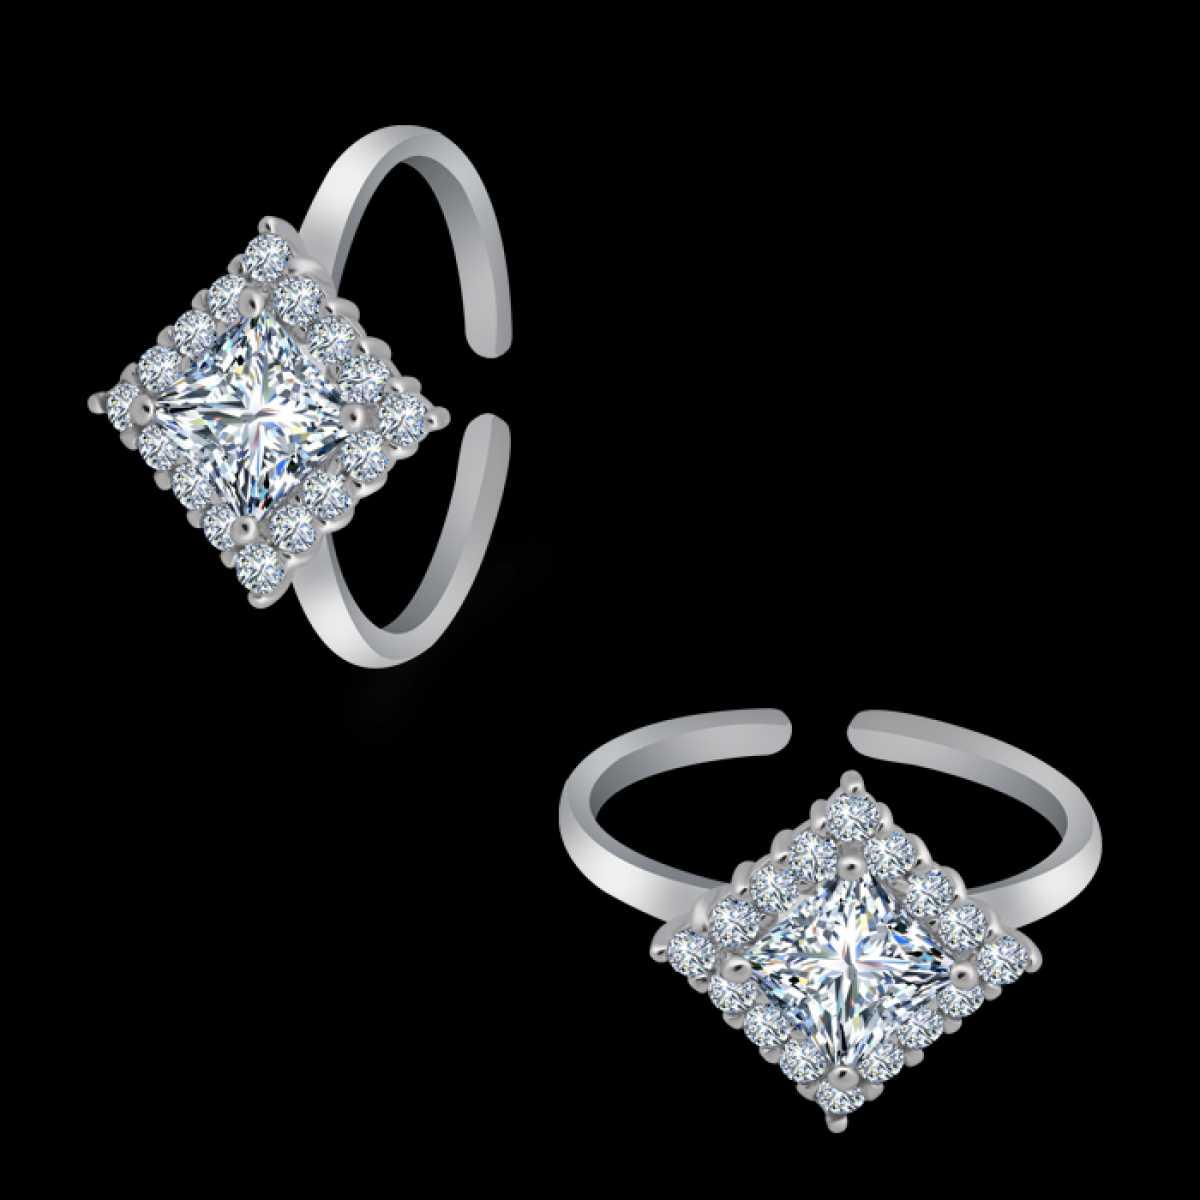 Big Squire Silver Diamond Toe Ring